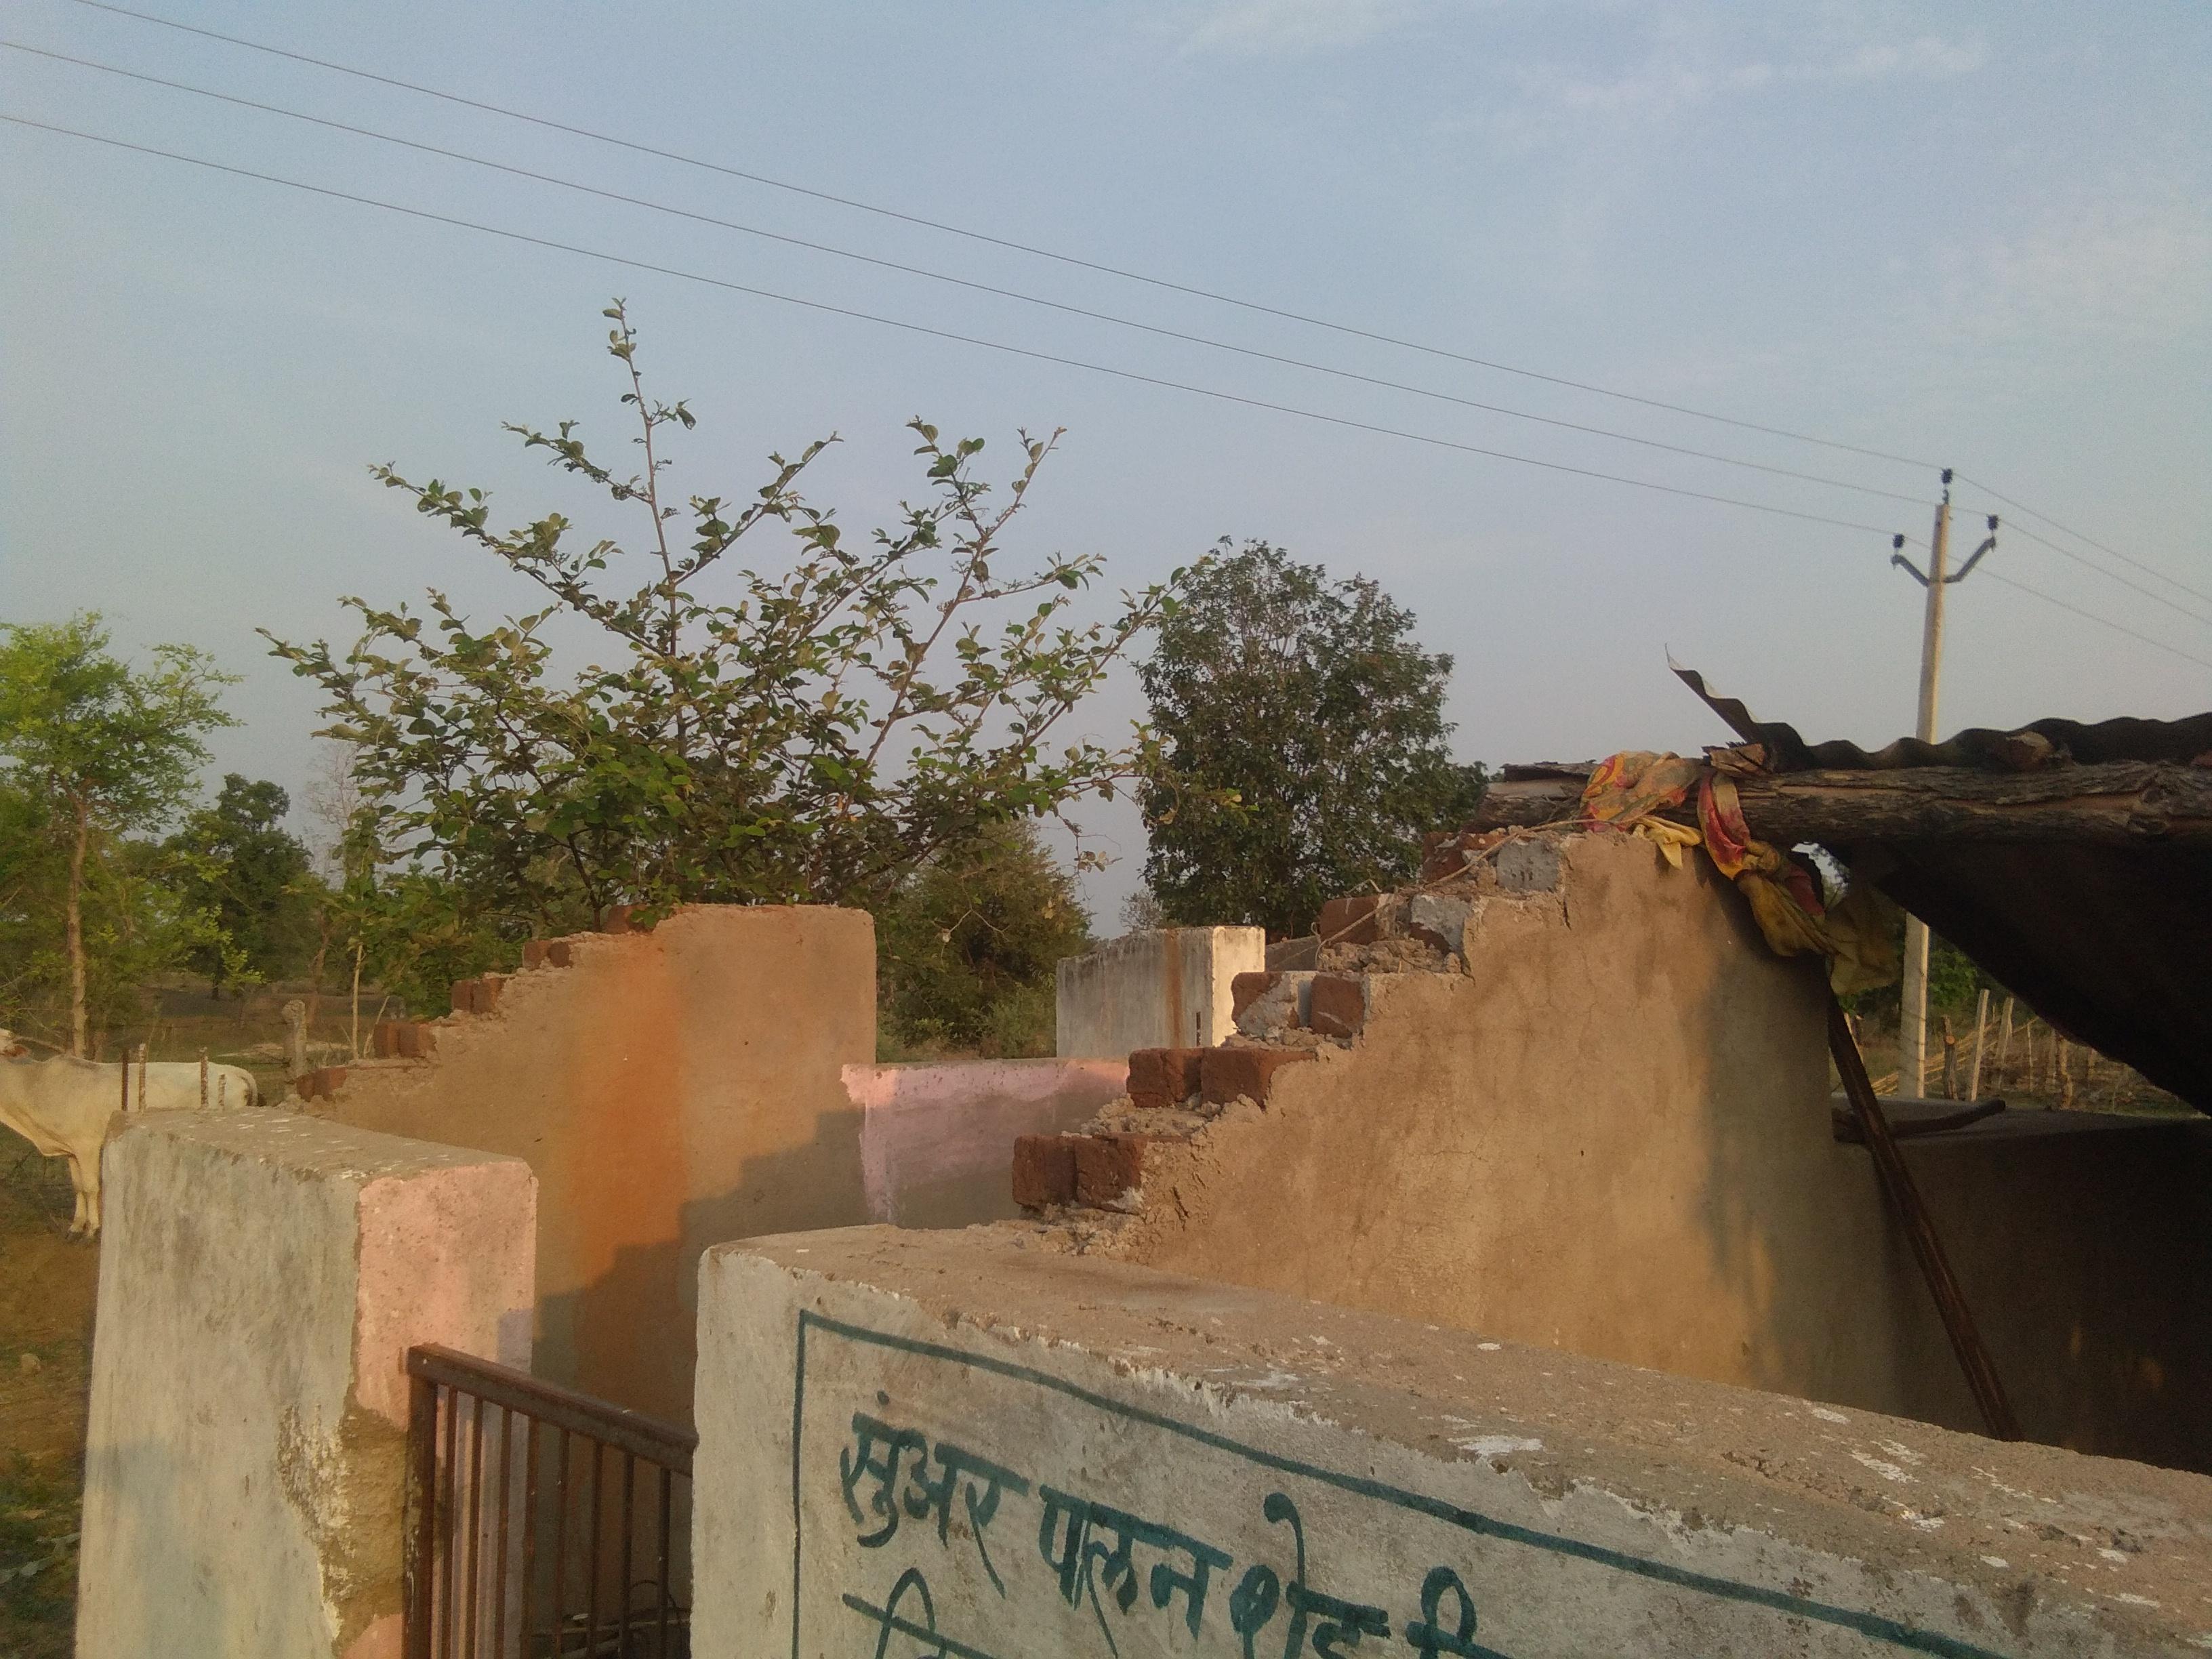 विस्थापित ग्राम के बैगा आदिवासियों को नहीं मिल पा रही हैं मूलभूत सुविधाएं